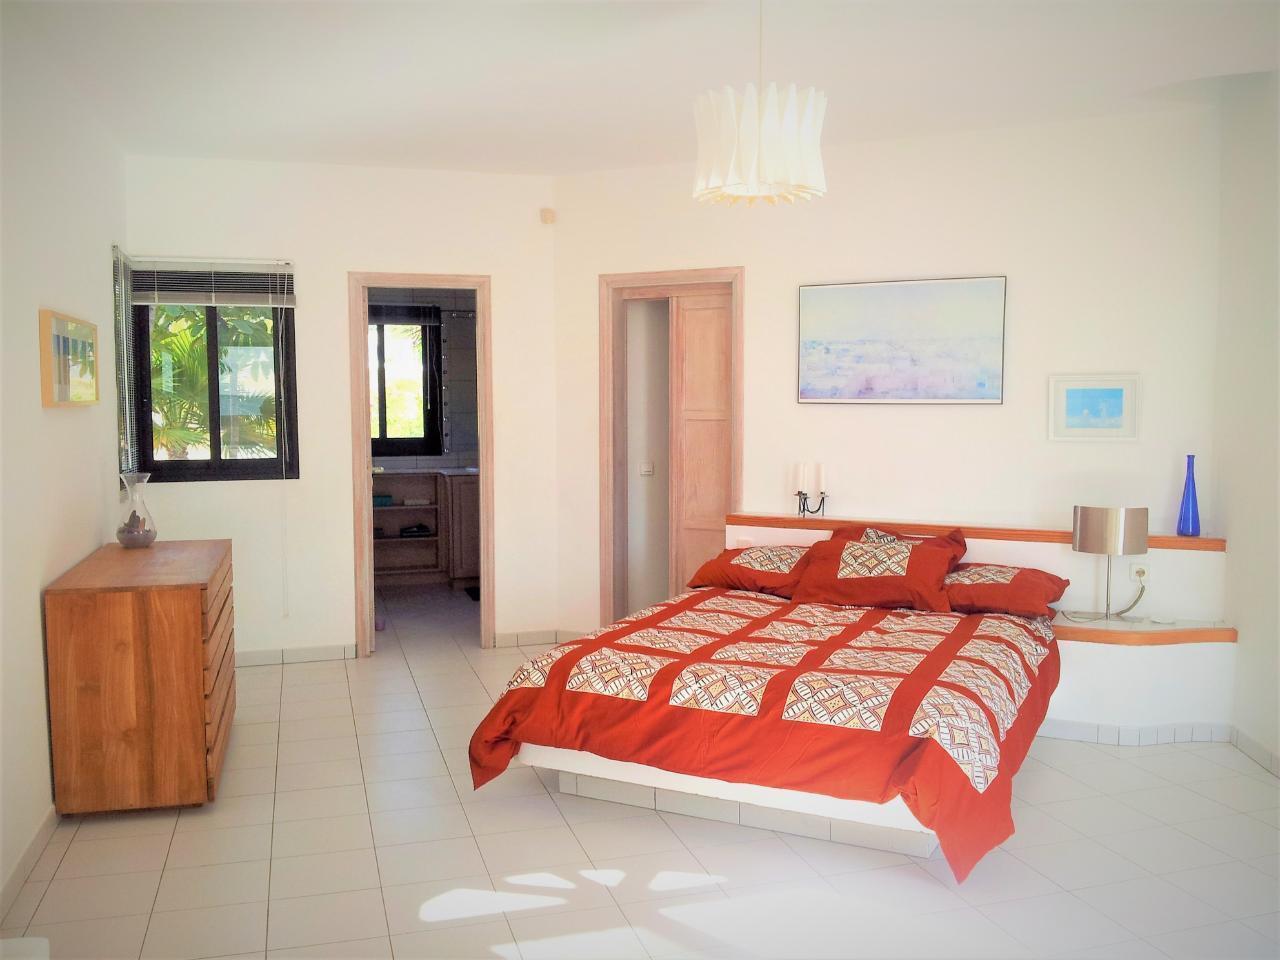 Ferienhaus Exklusive Villa in Strandnähe (642541), Giniginamar, Fuerteventura, Kanarische Inseln, Spanien, Bild 64